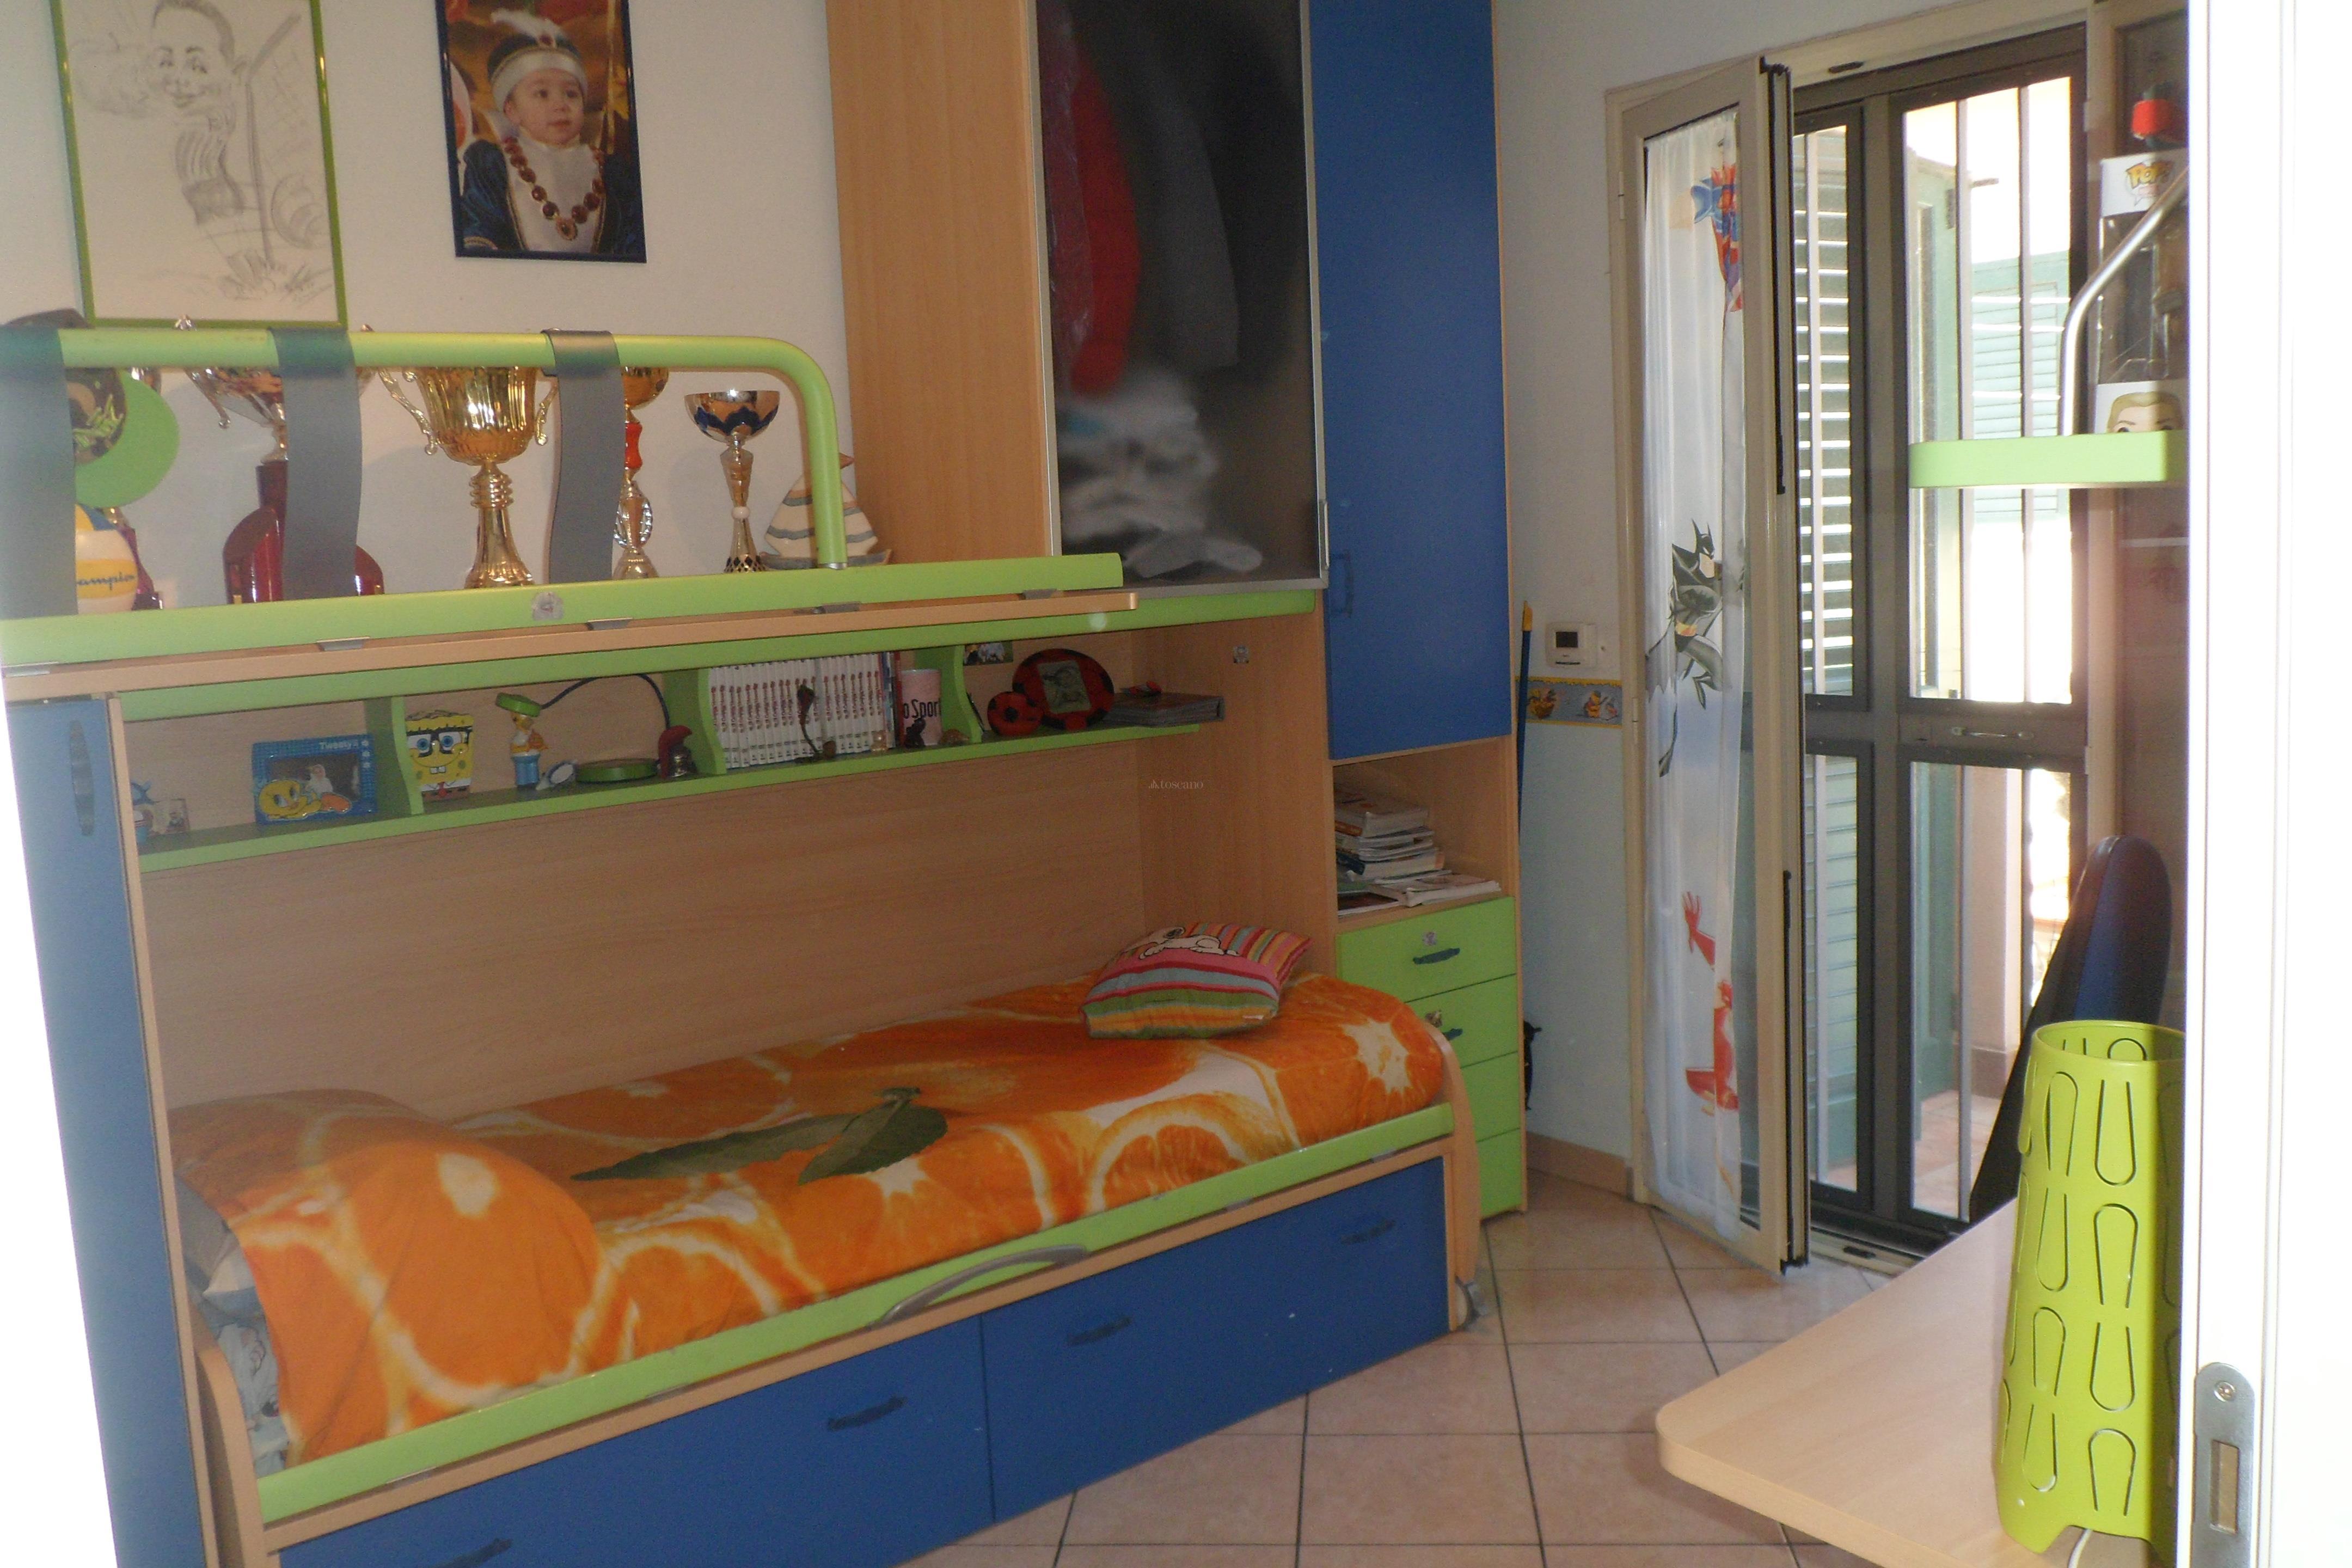 Vendita casa indipendente a messina in via chieti italia for Punto casa a messina